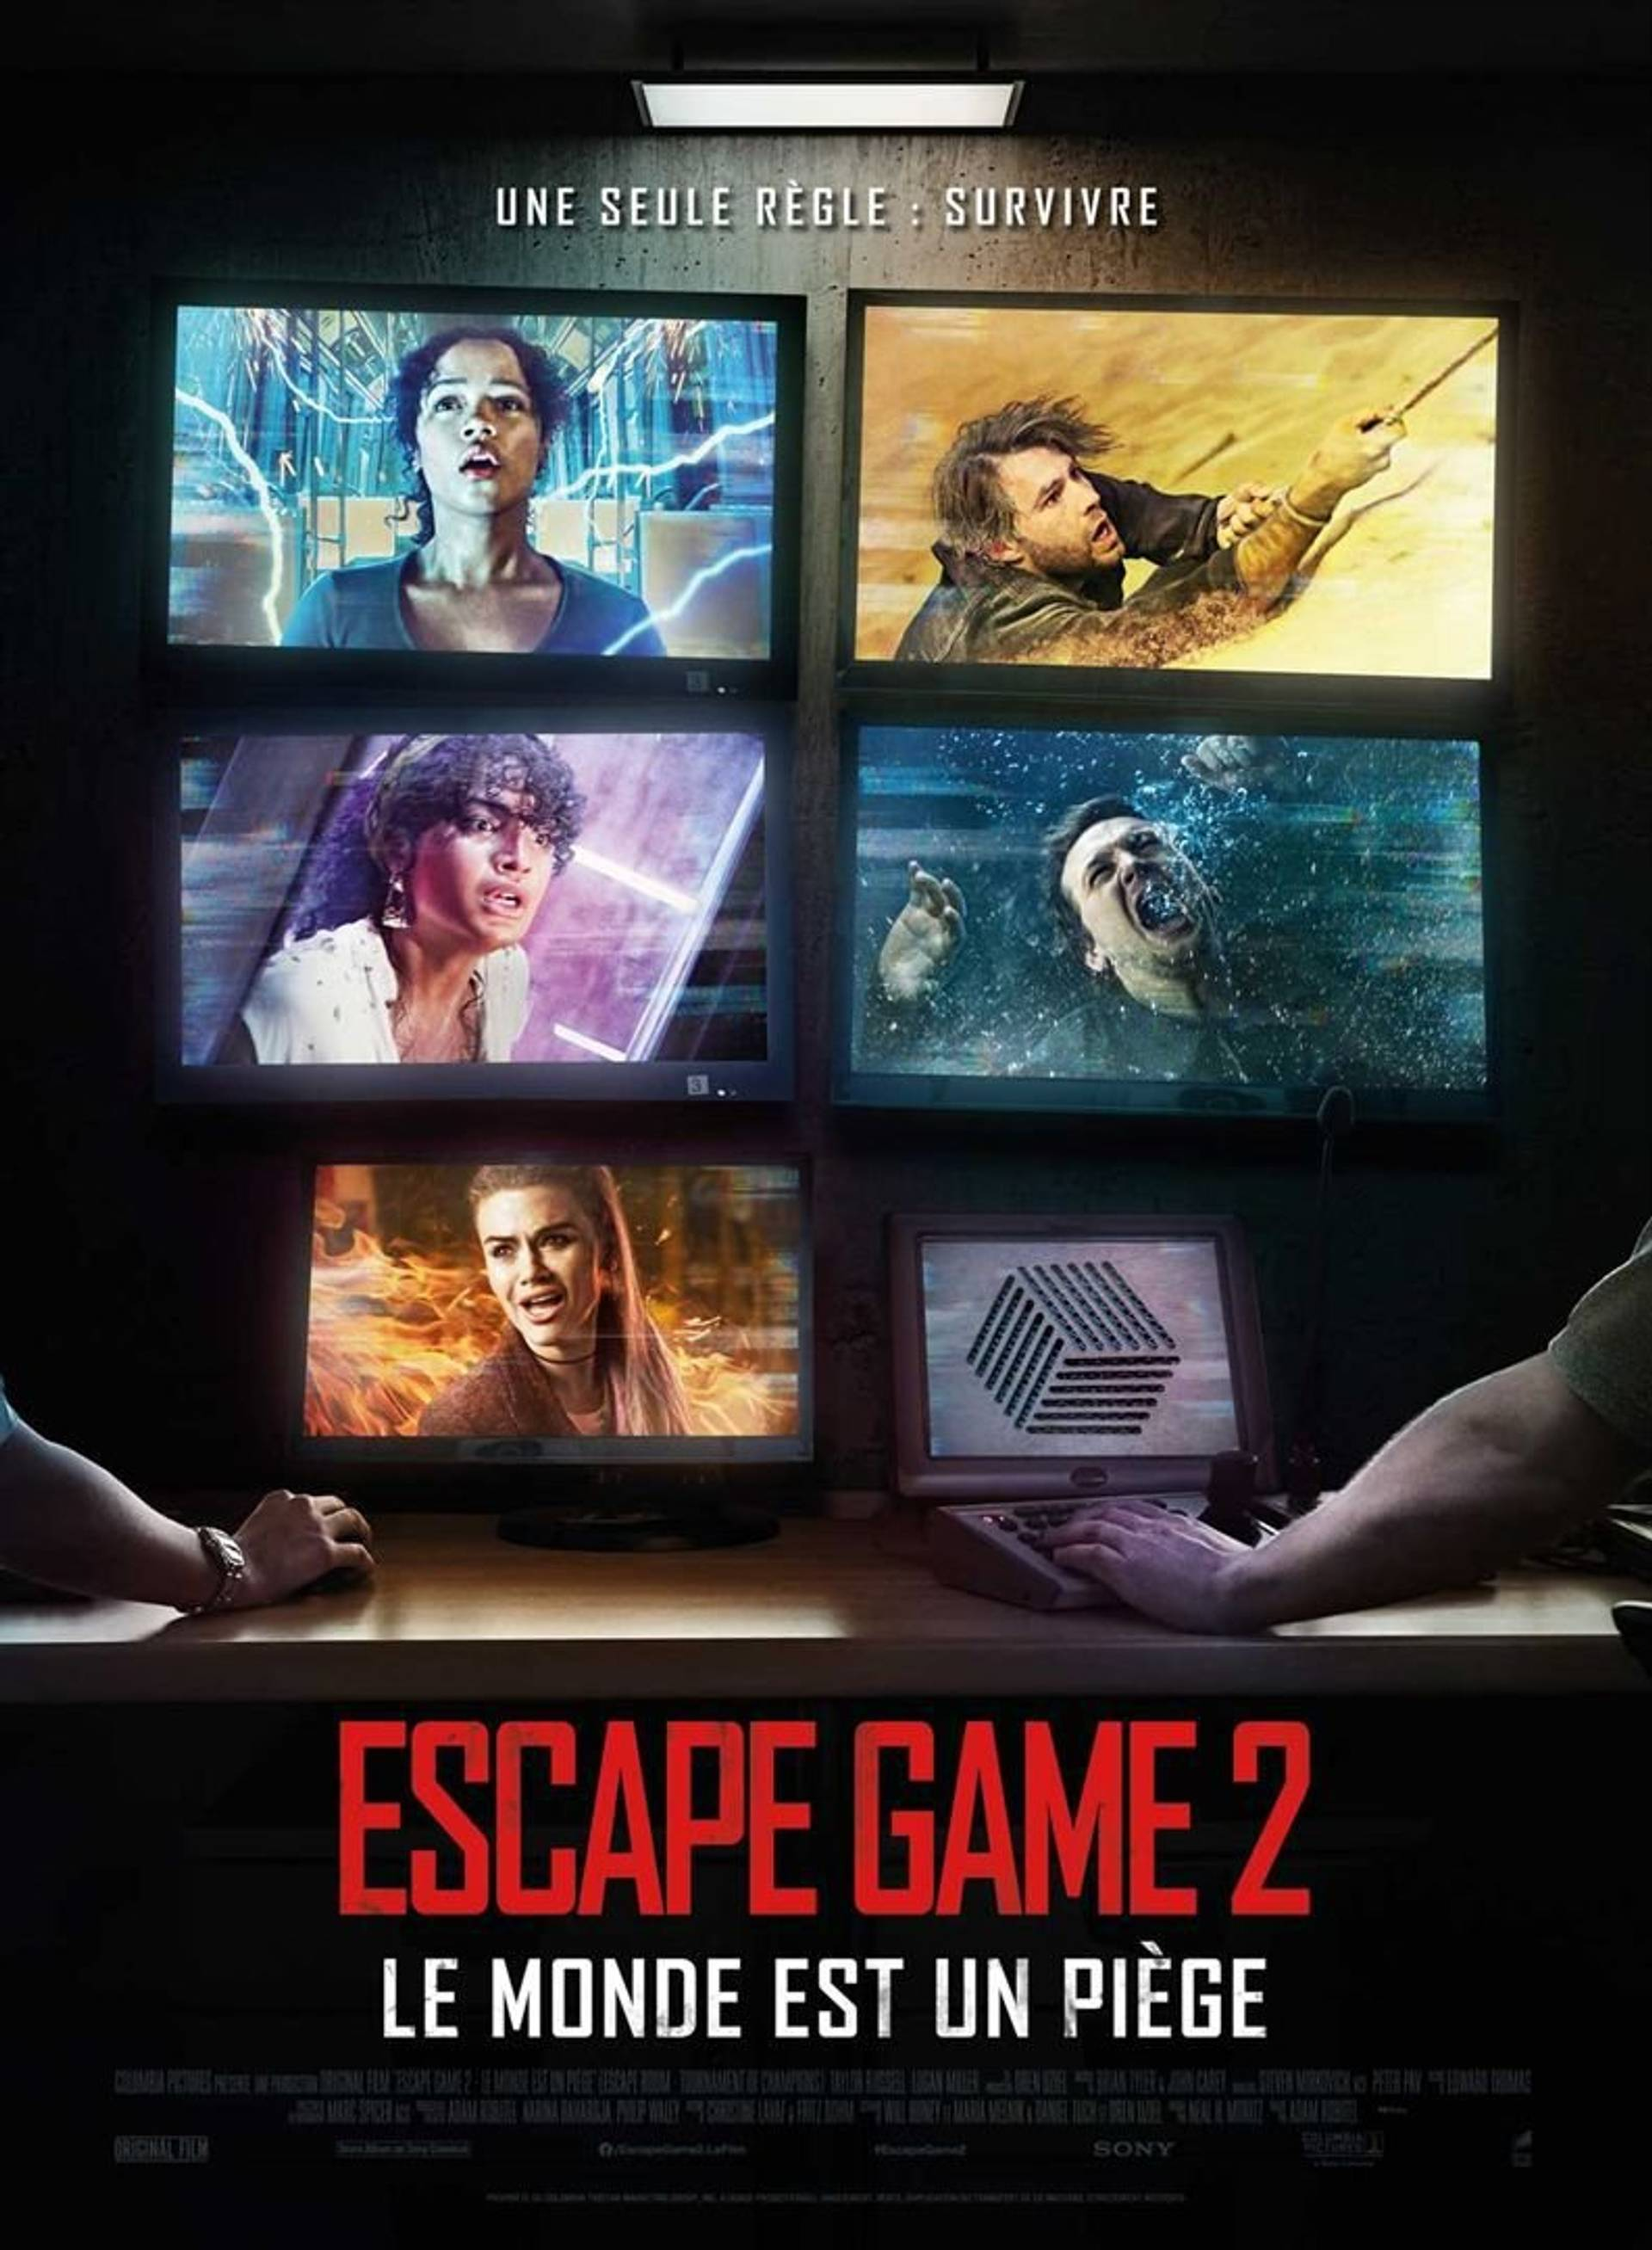 Escape Game 2 Le Mode est un Piège